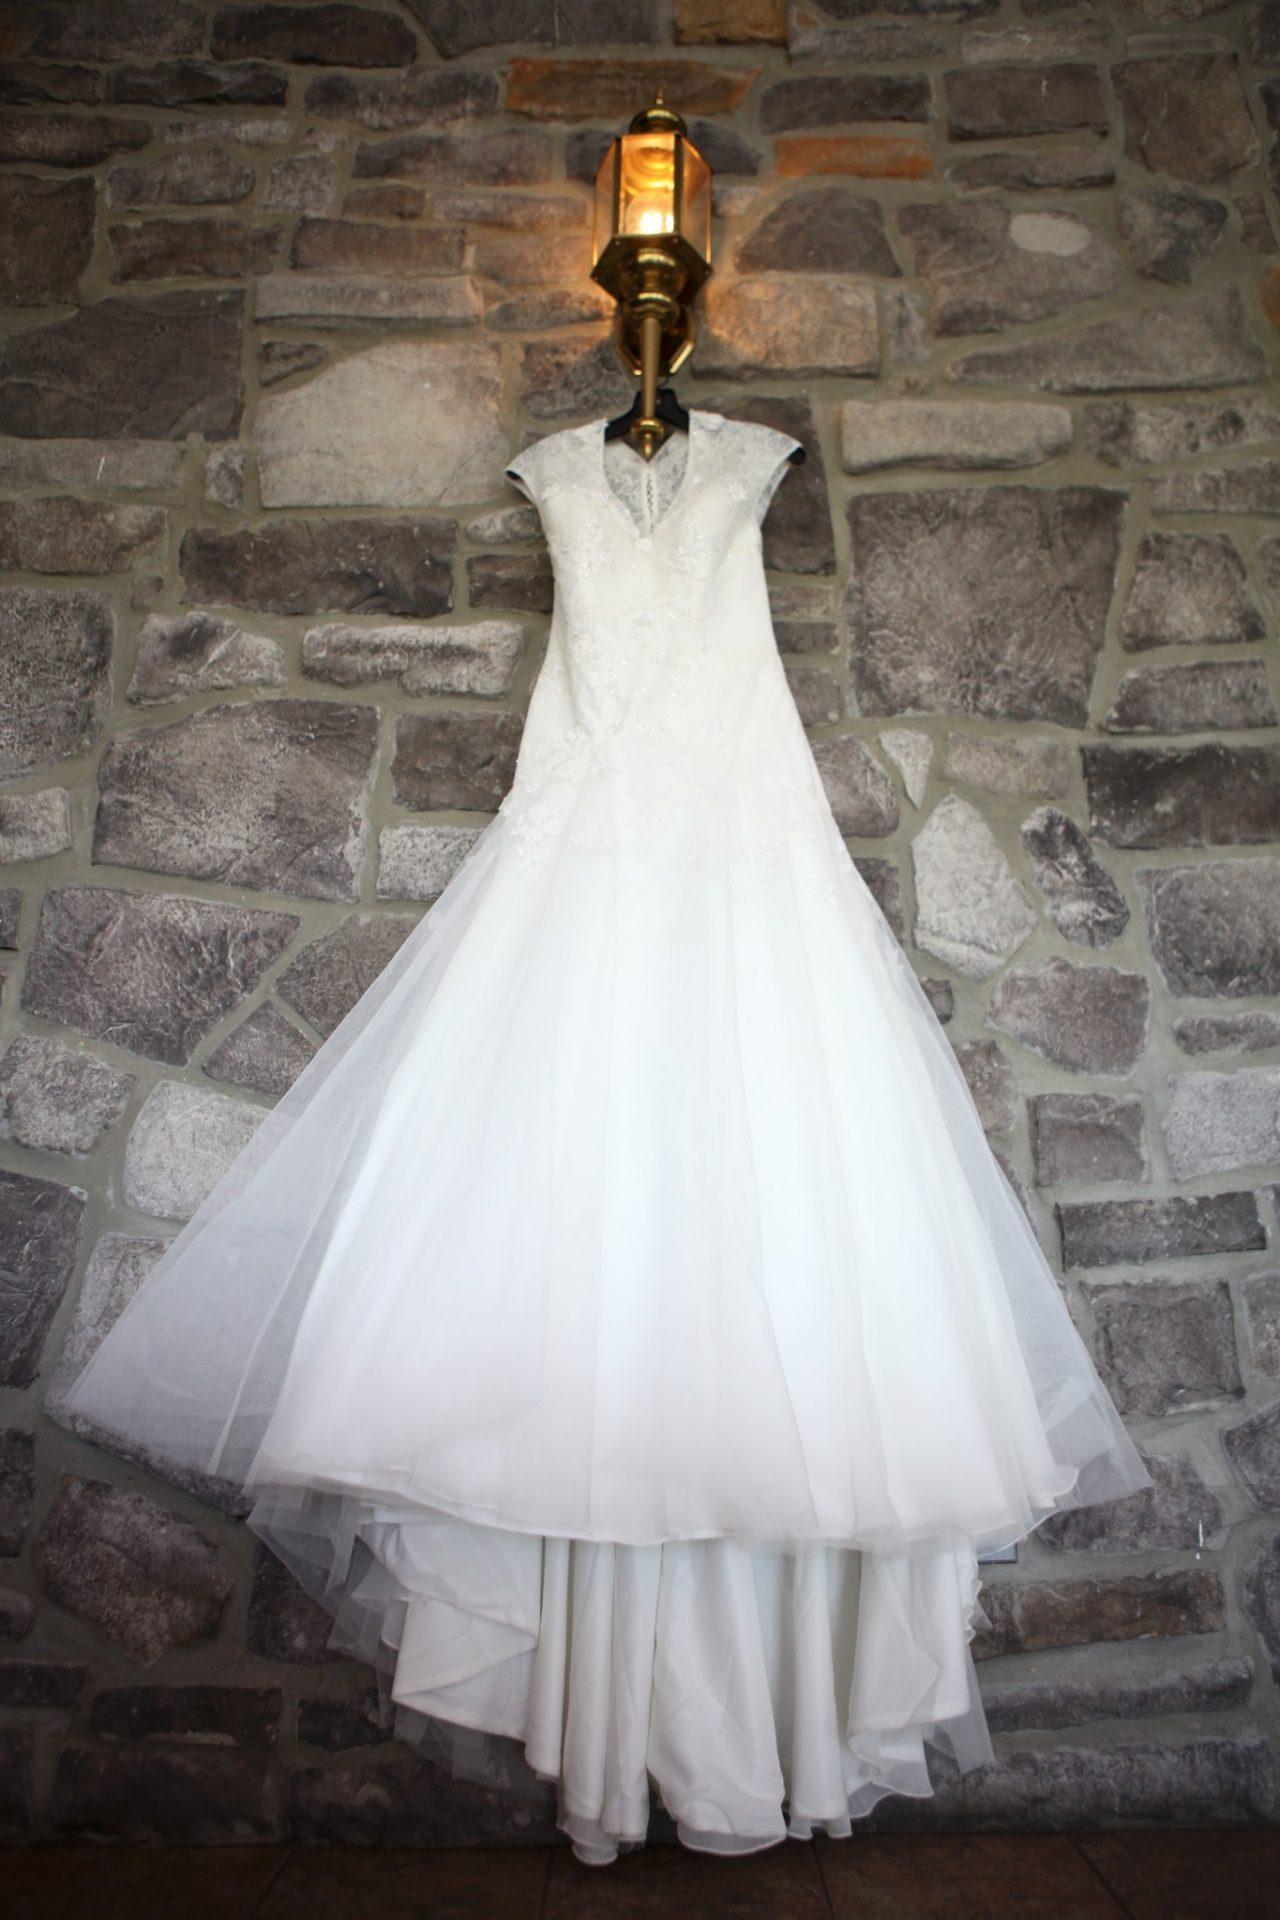 Wedding Reception wedding dress against stone wall